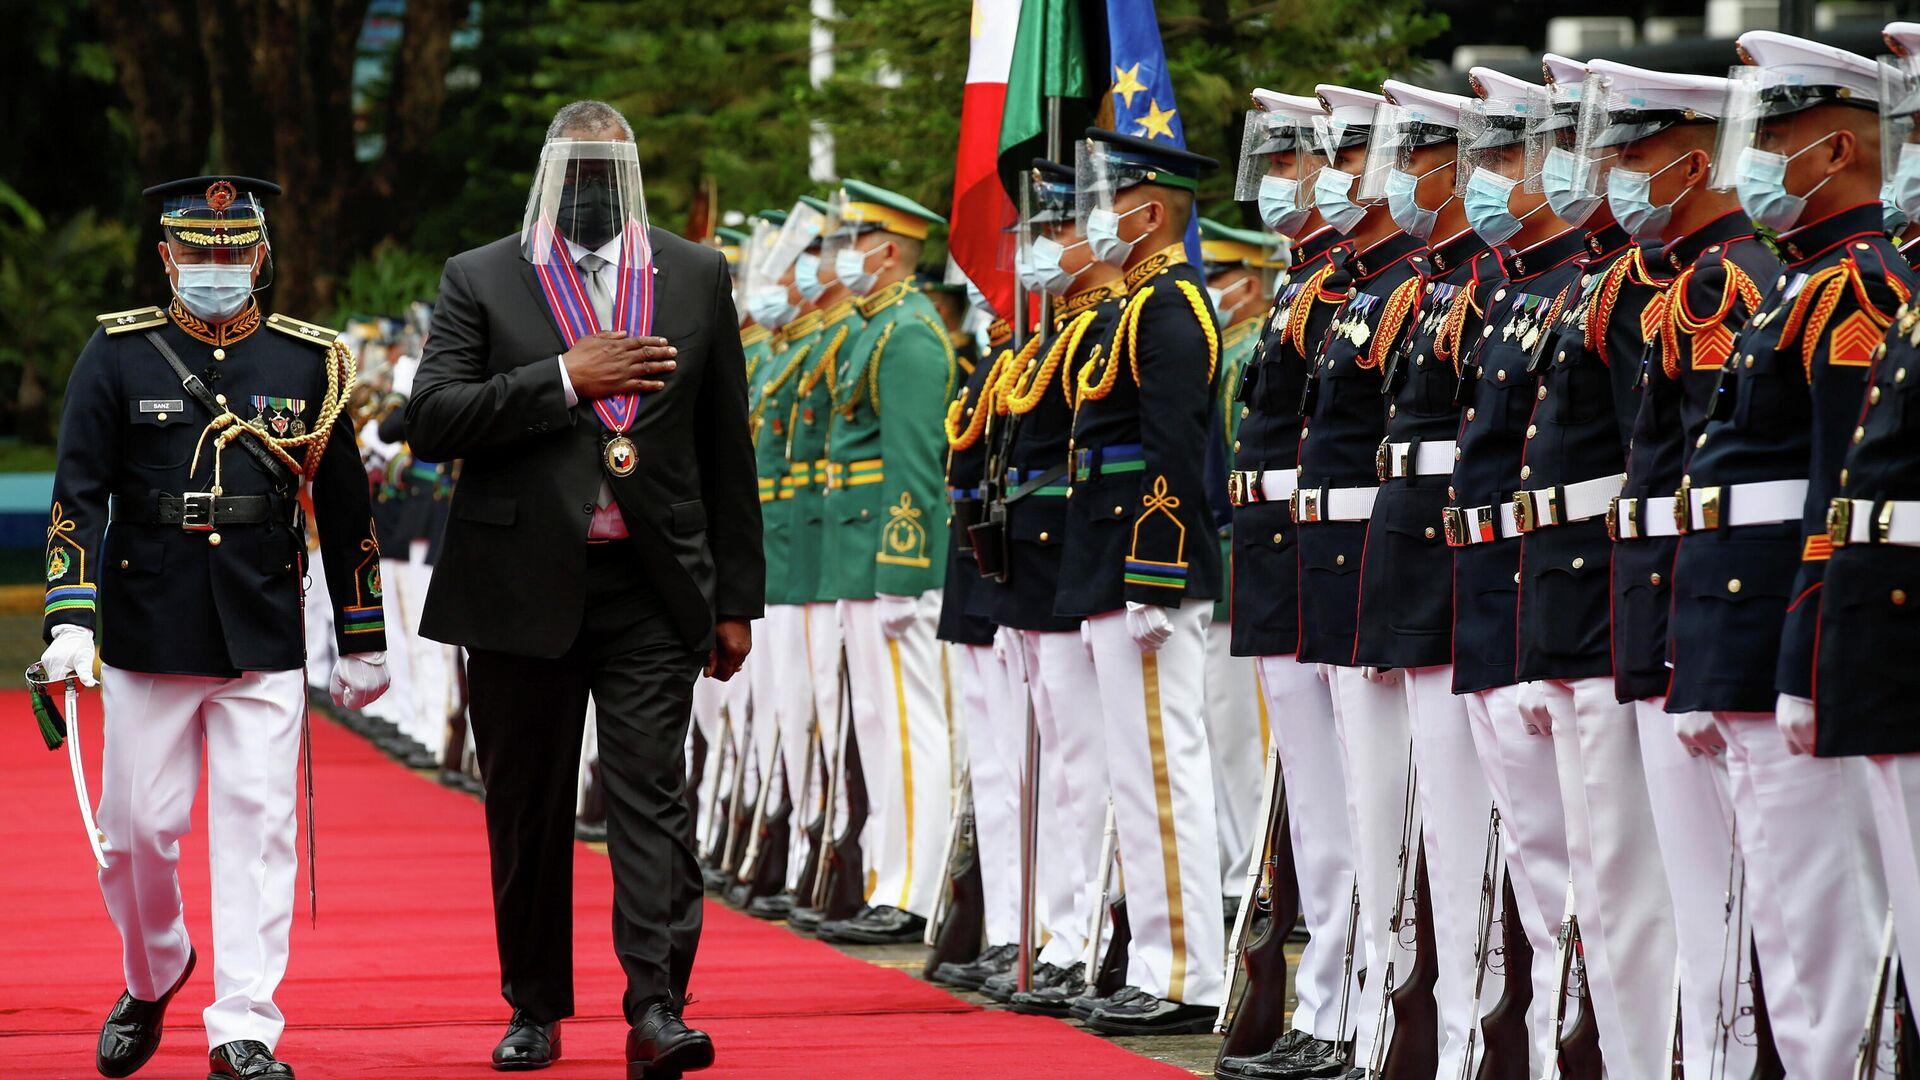 Визит министра обороны США Ллойда Остина в Манилу, Филиппины  - РИА Новости, 1920, 05.08.2021